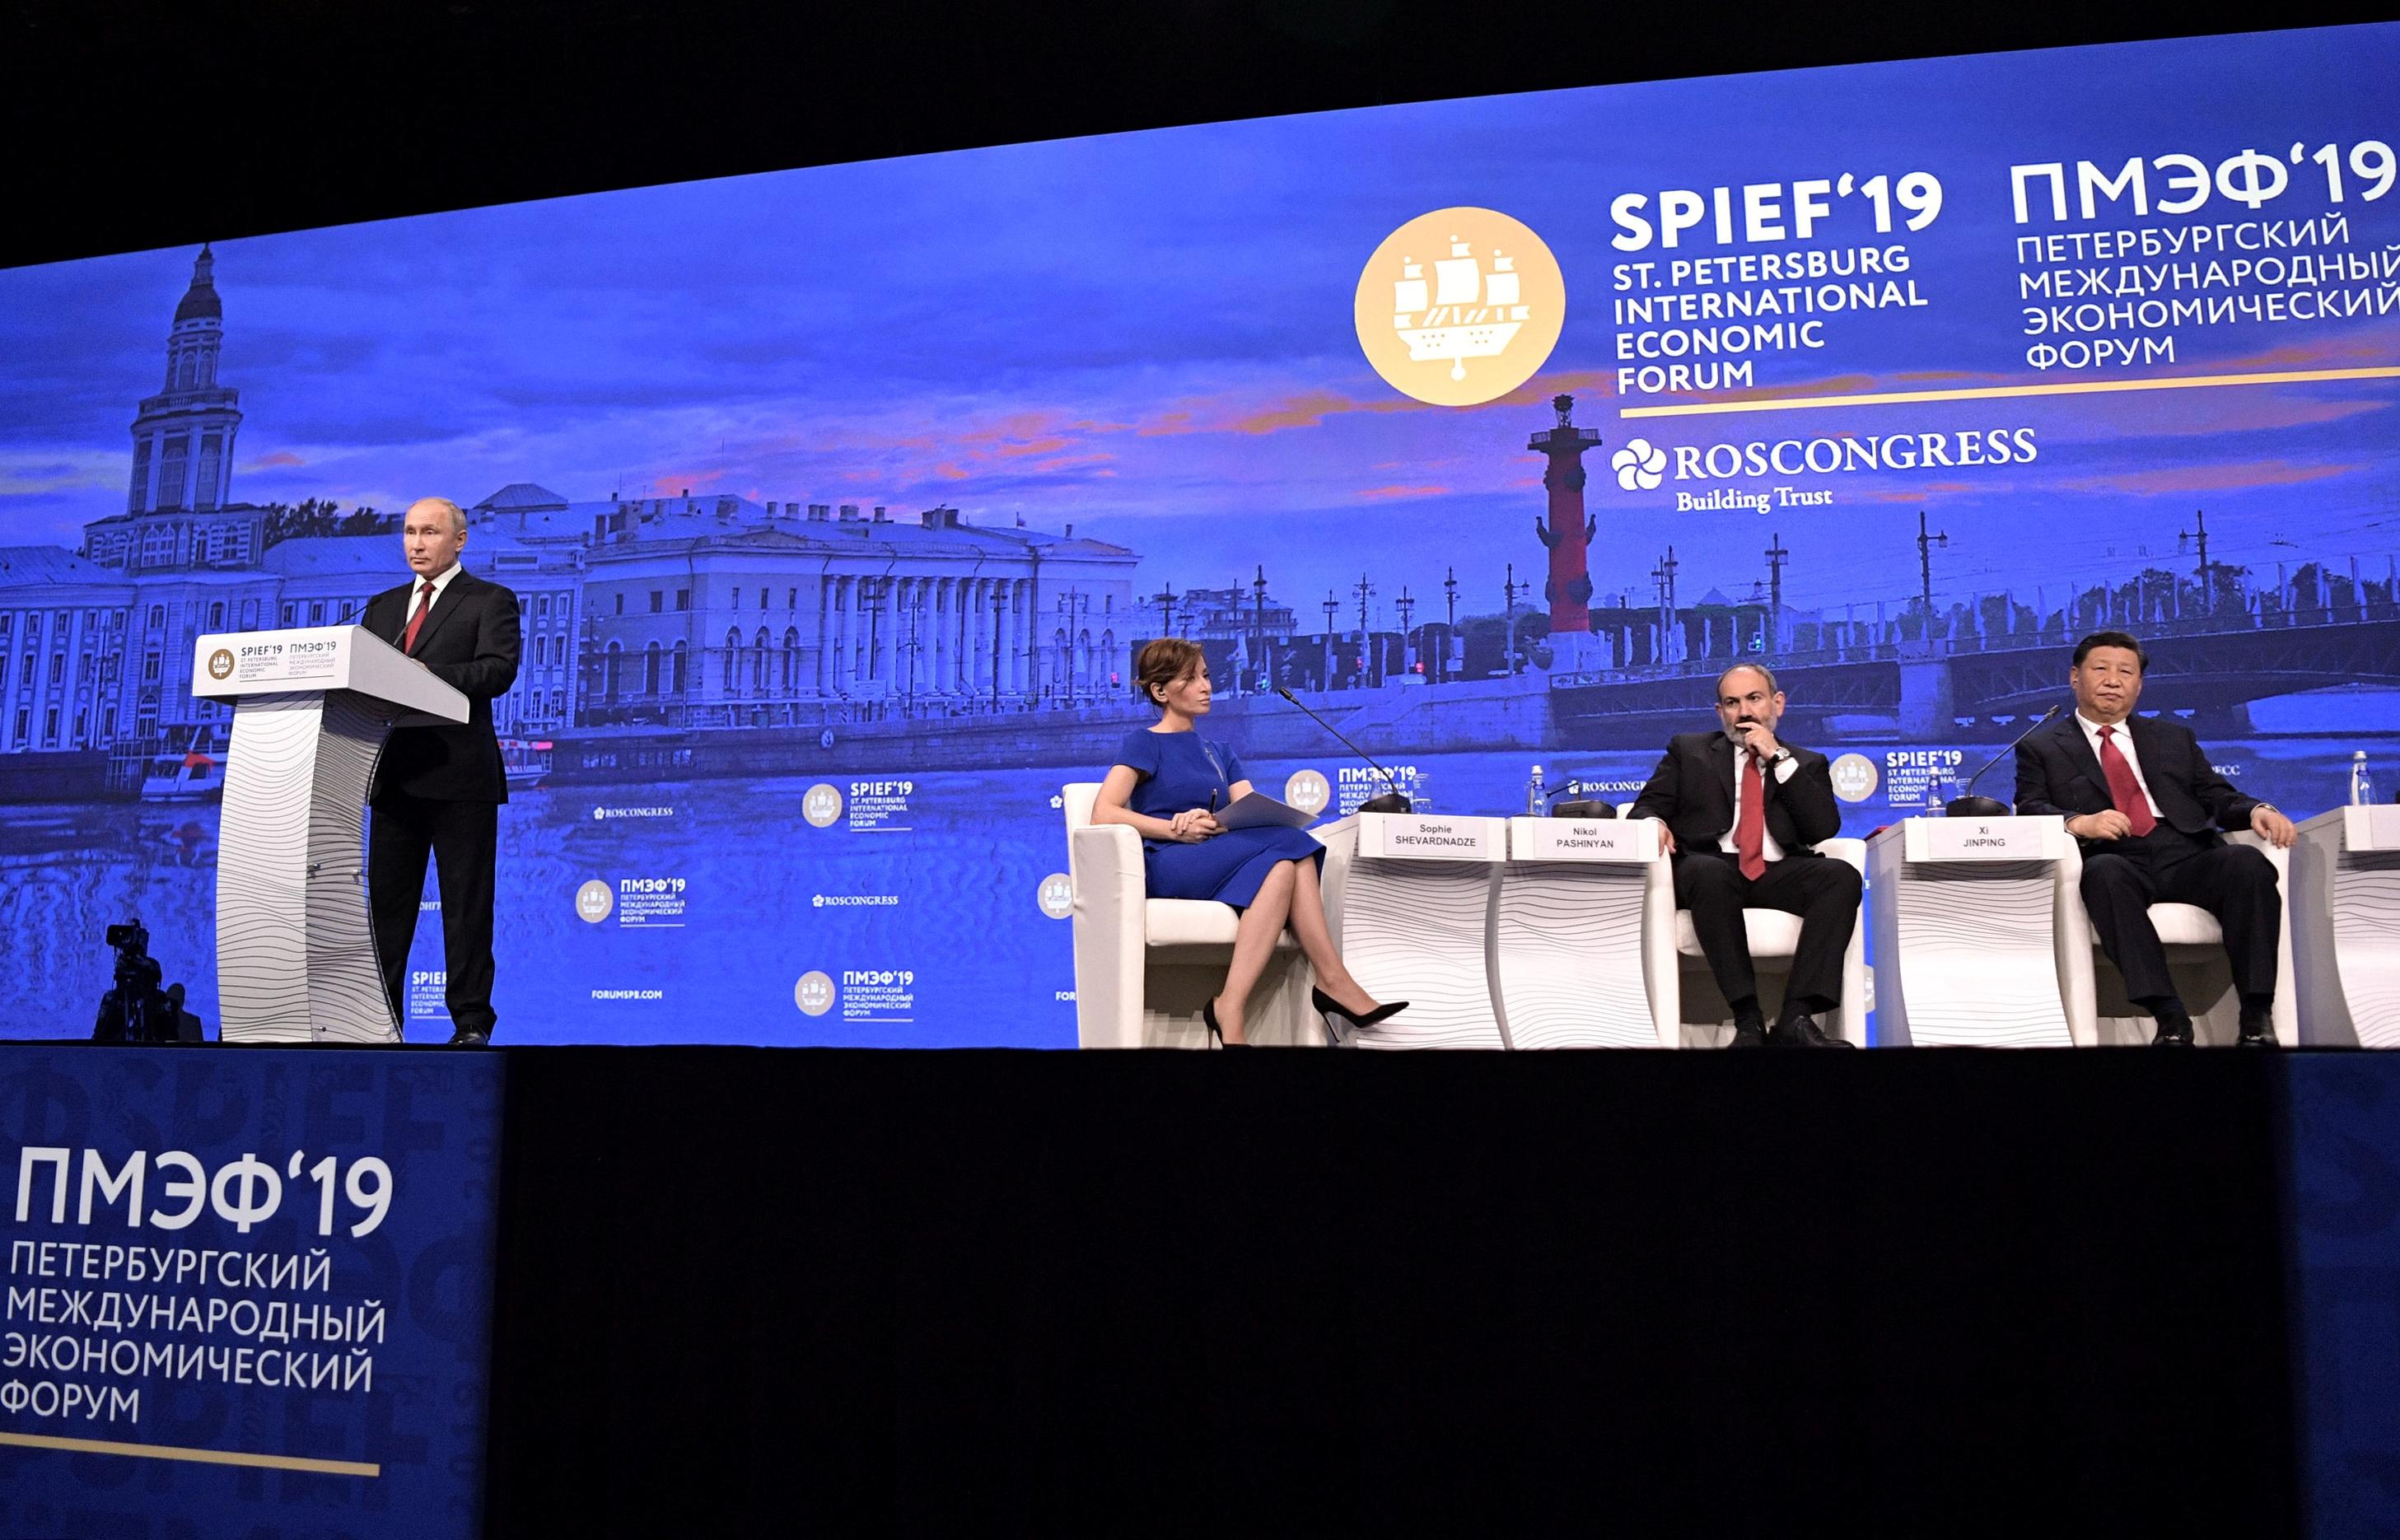 كلمة بوتين خلال المنتدى